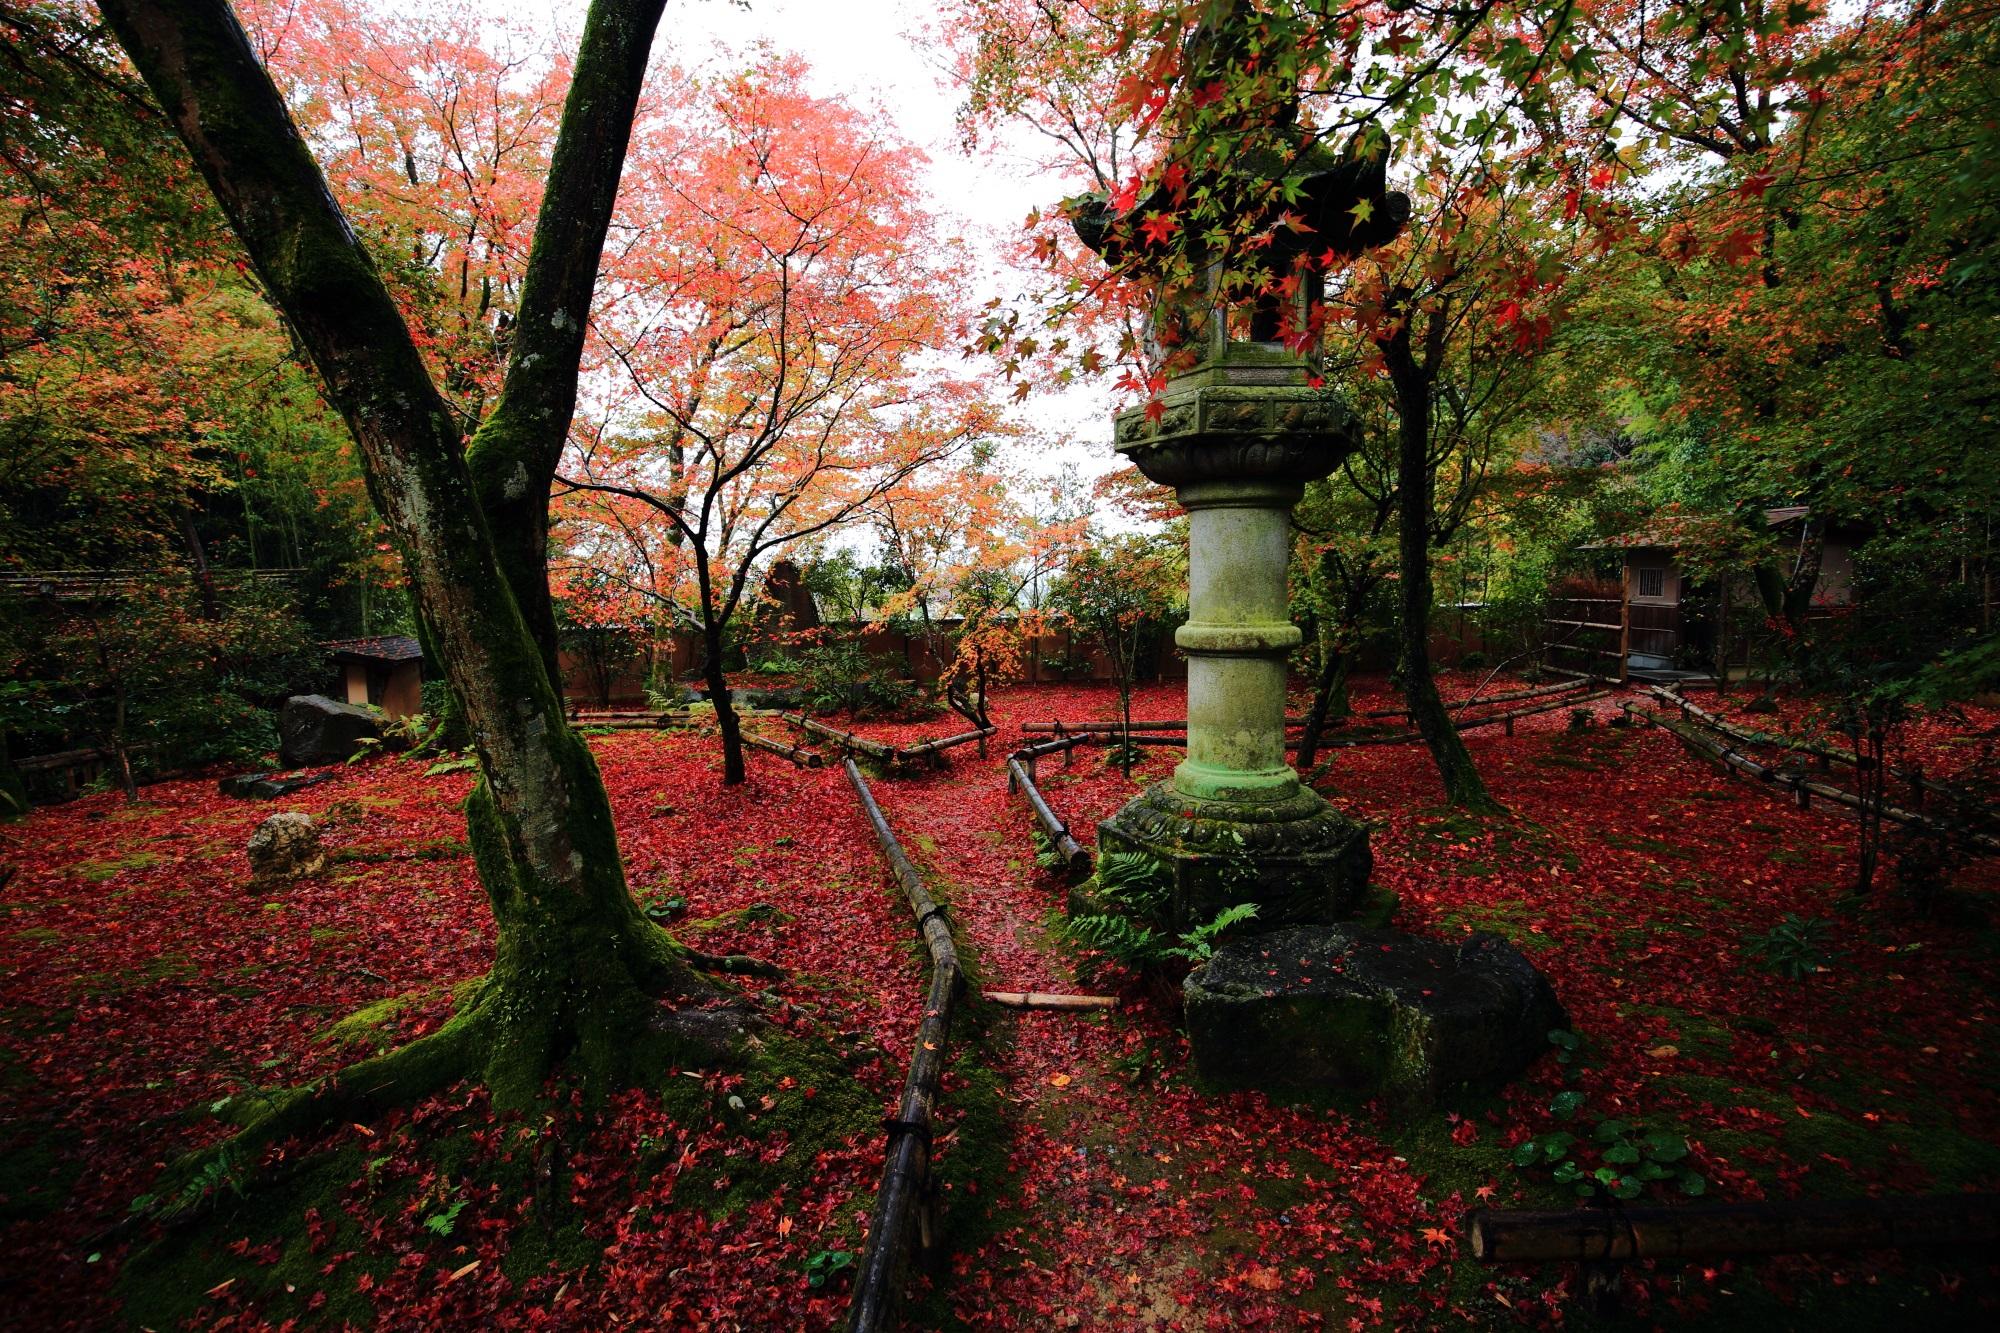 直指庵の苔庭と灯籠と紅葉